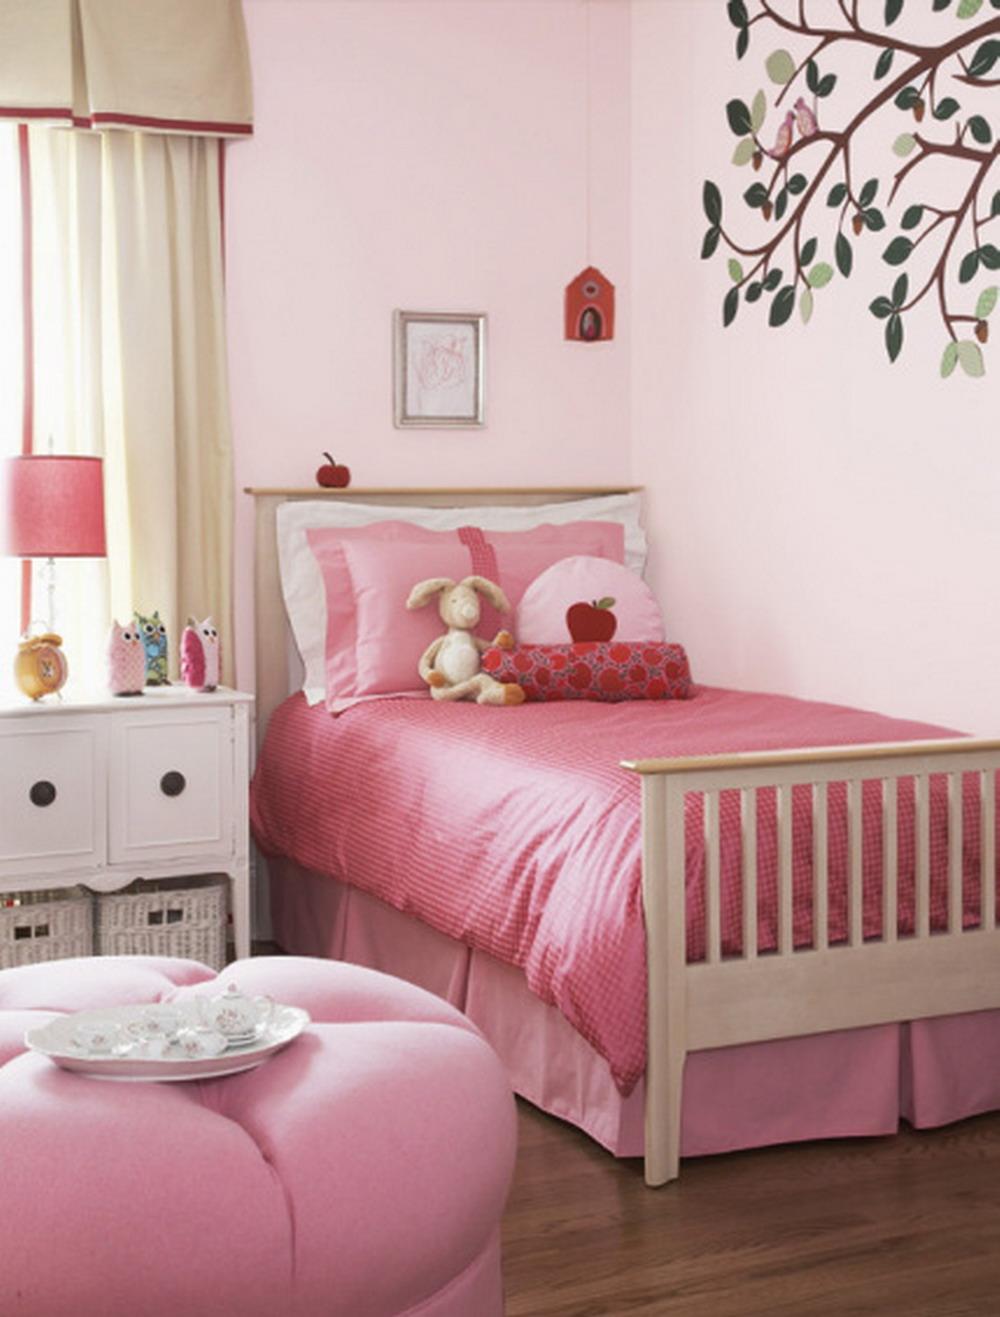 تصاميم غرفة نوم بنات وردي وتفاحي رقيقة | المرسال